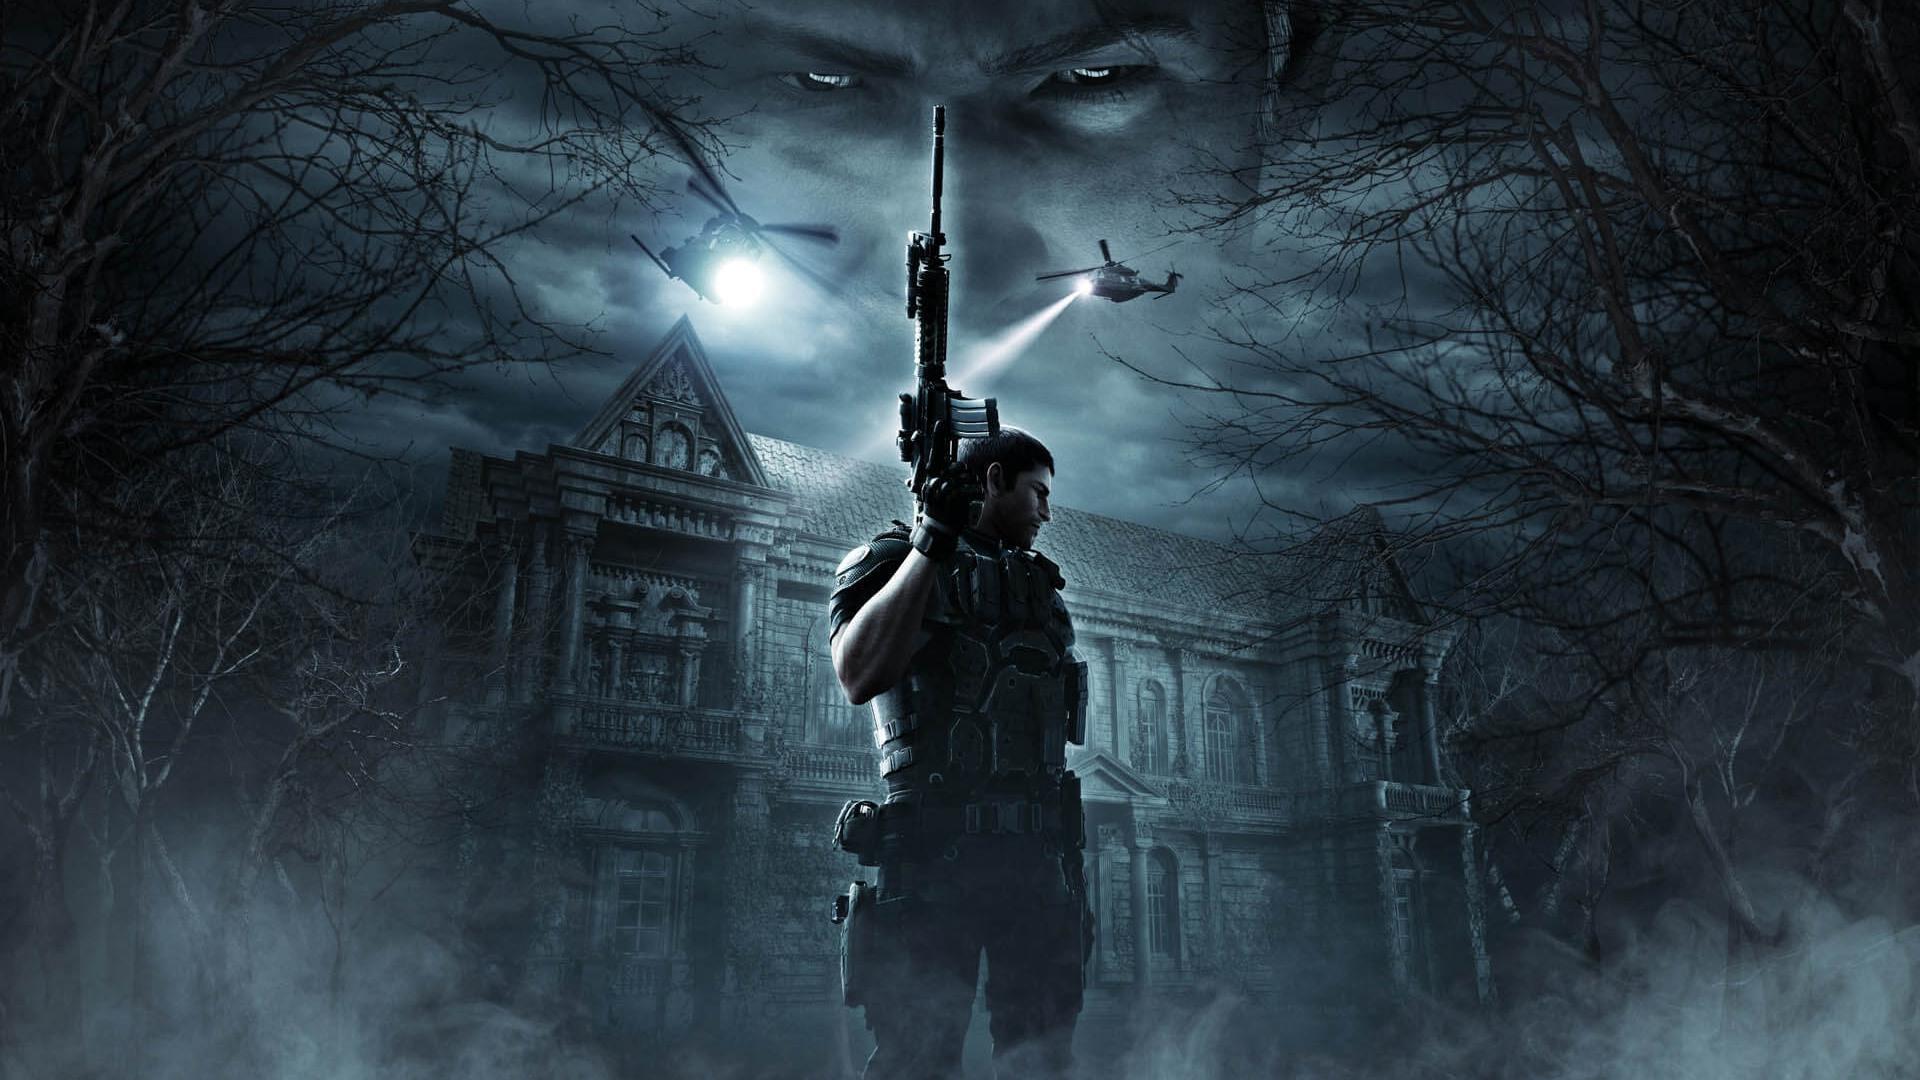 Resident Evil 7 Wallpapers Top Free Resident Evil 7